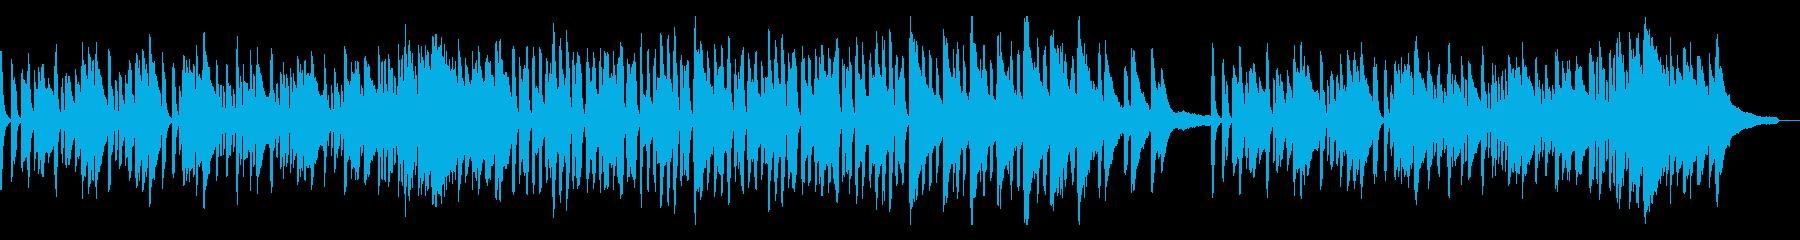 「通りゃんせ」ピアノアレンジの再生済みの波形